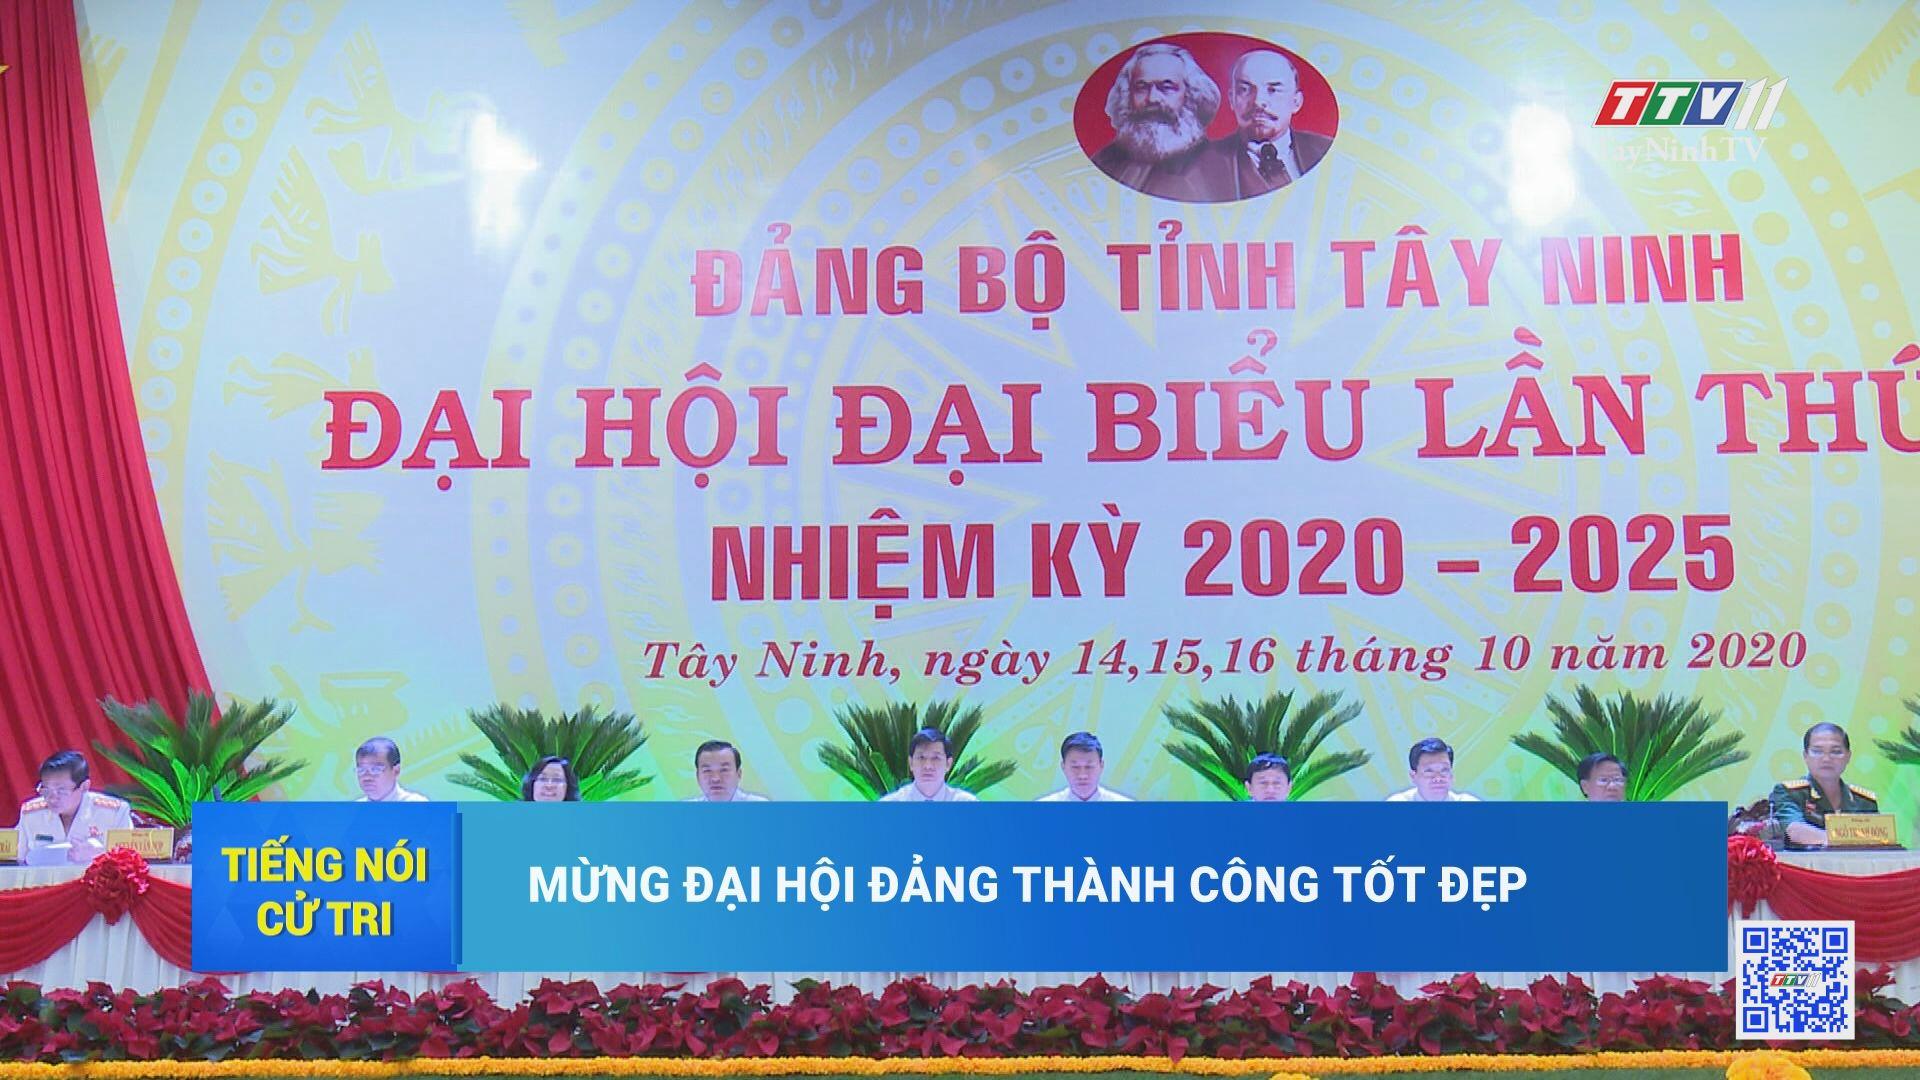 Mừng Đại hội thành công | TIẾNG NÓI CỬ TRI | TayNinhTV